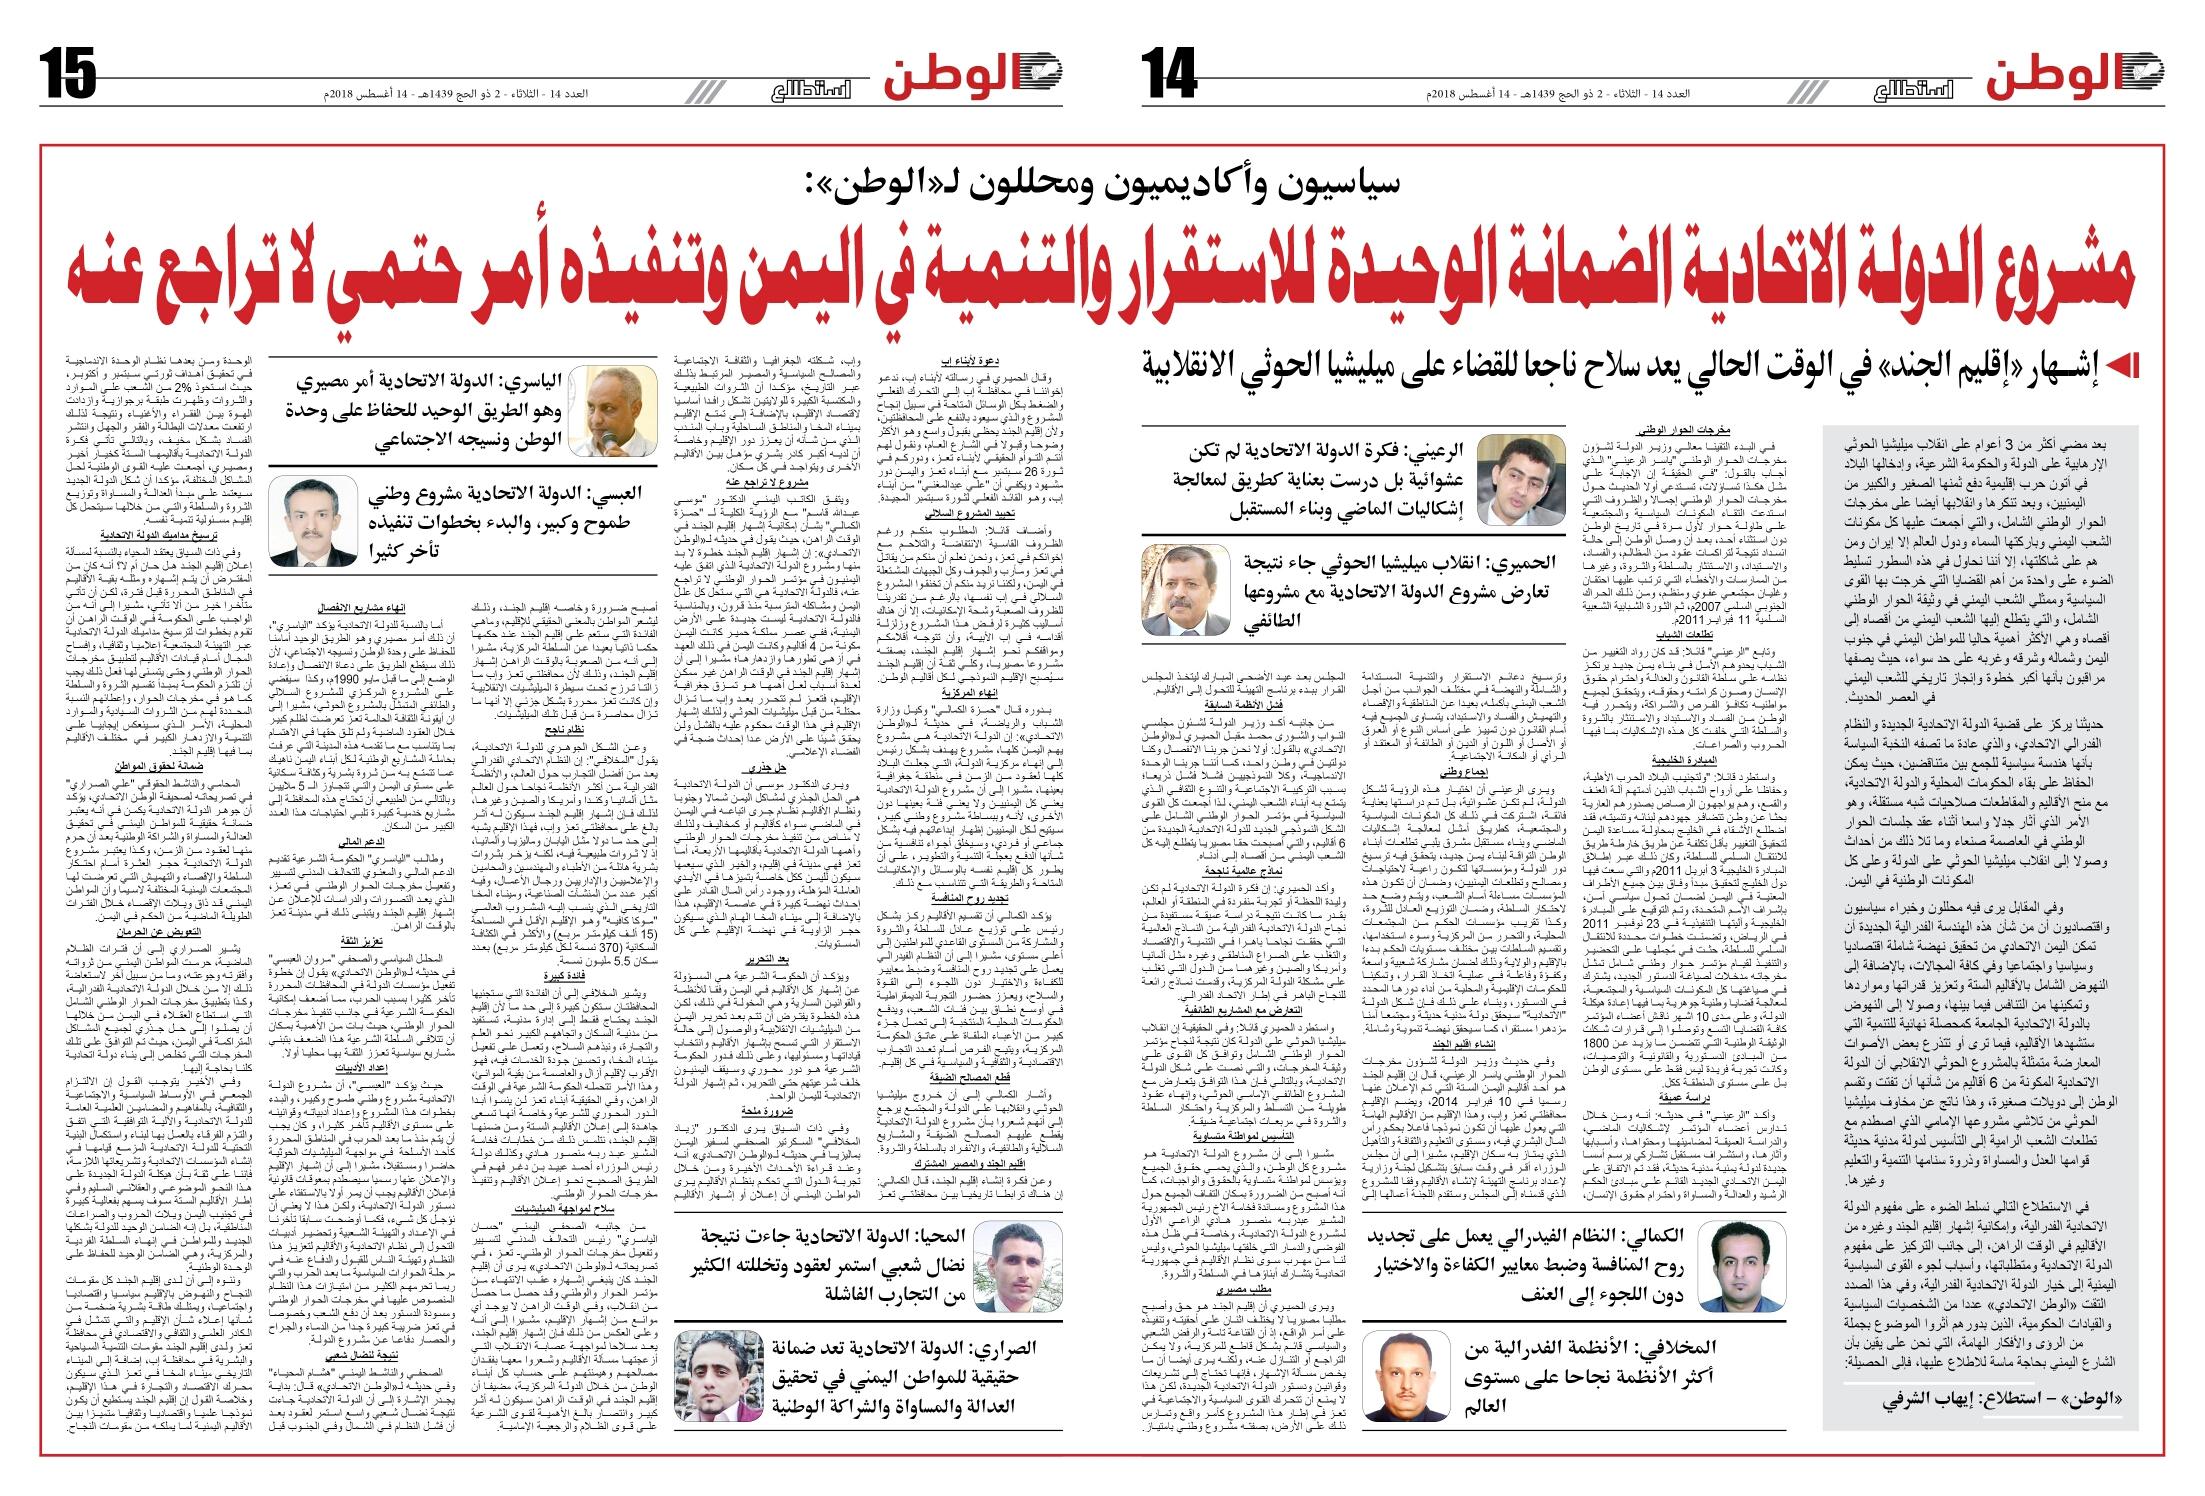 سياسيون وأكاديميون ومحللون مشروع الدولة الاتحادية الضمانة الوحيدة للاستقرار والتنمية في اليمن وتنفيذه أمر حتمي لا تراجع عنه